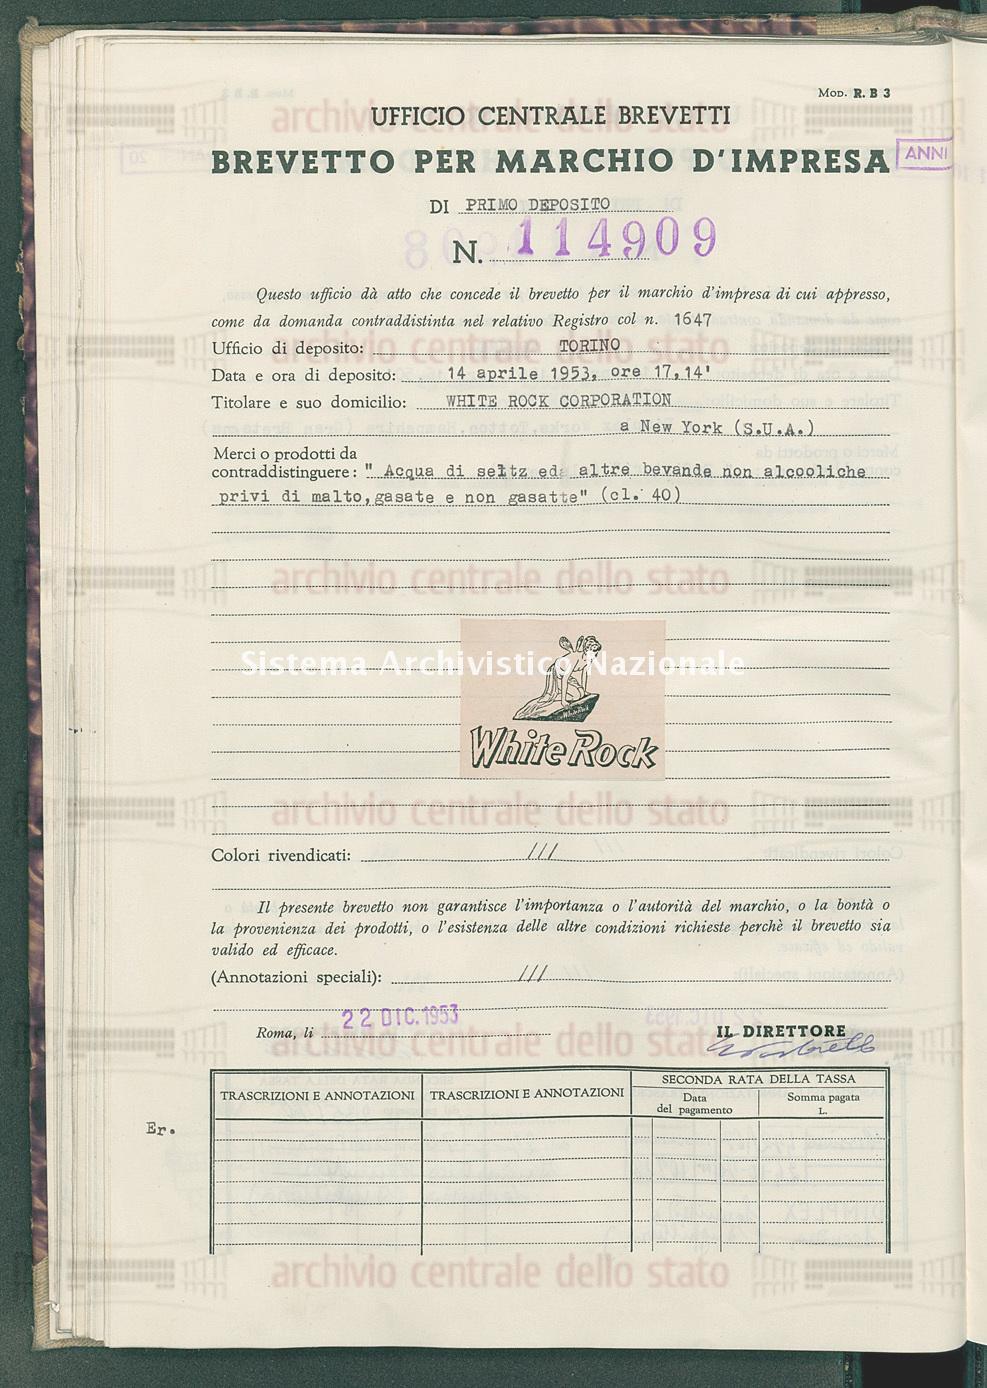 'Acqua di seltz ed altre bevande alcooliche privi di malto, gasate ecc White Rock Corporation (22/12/1953)